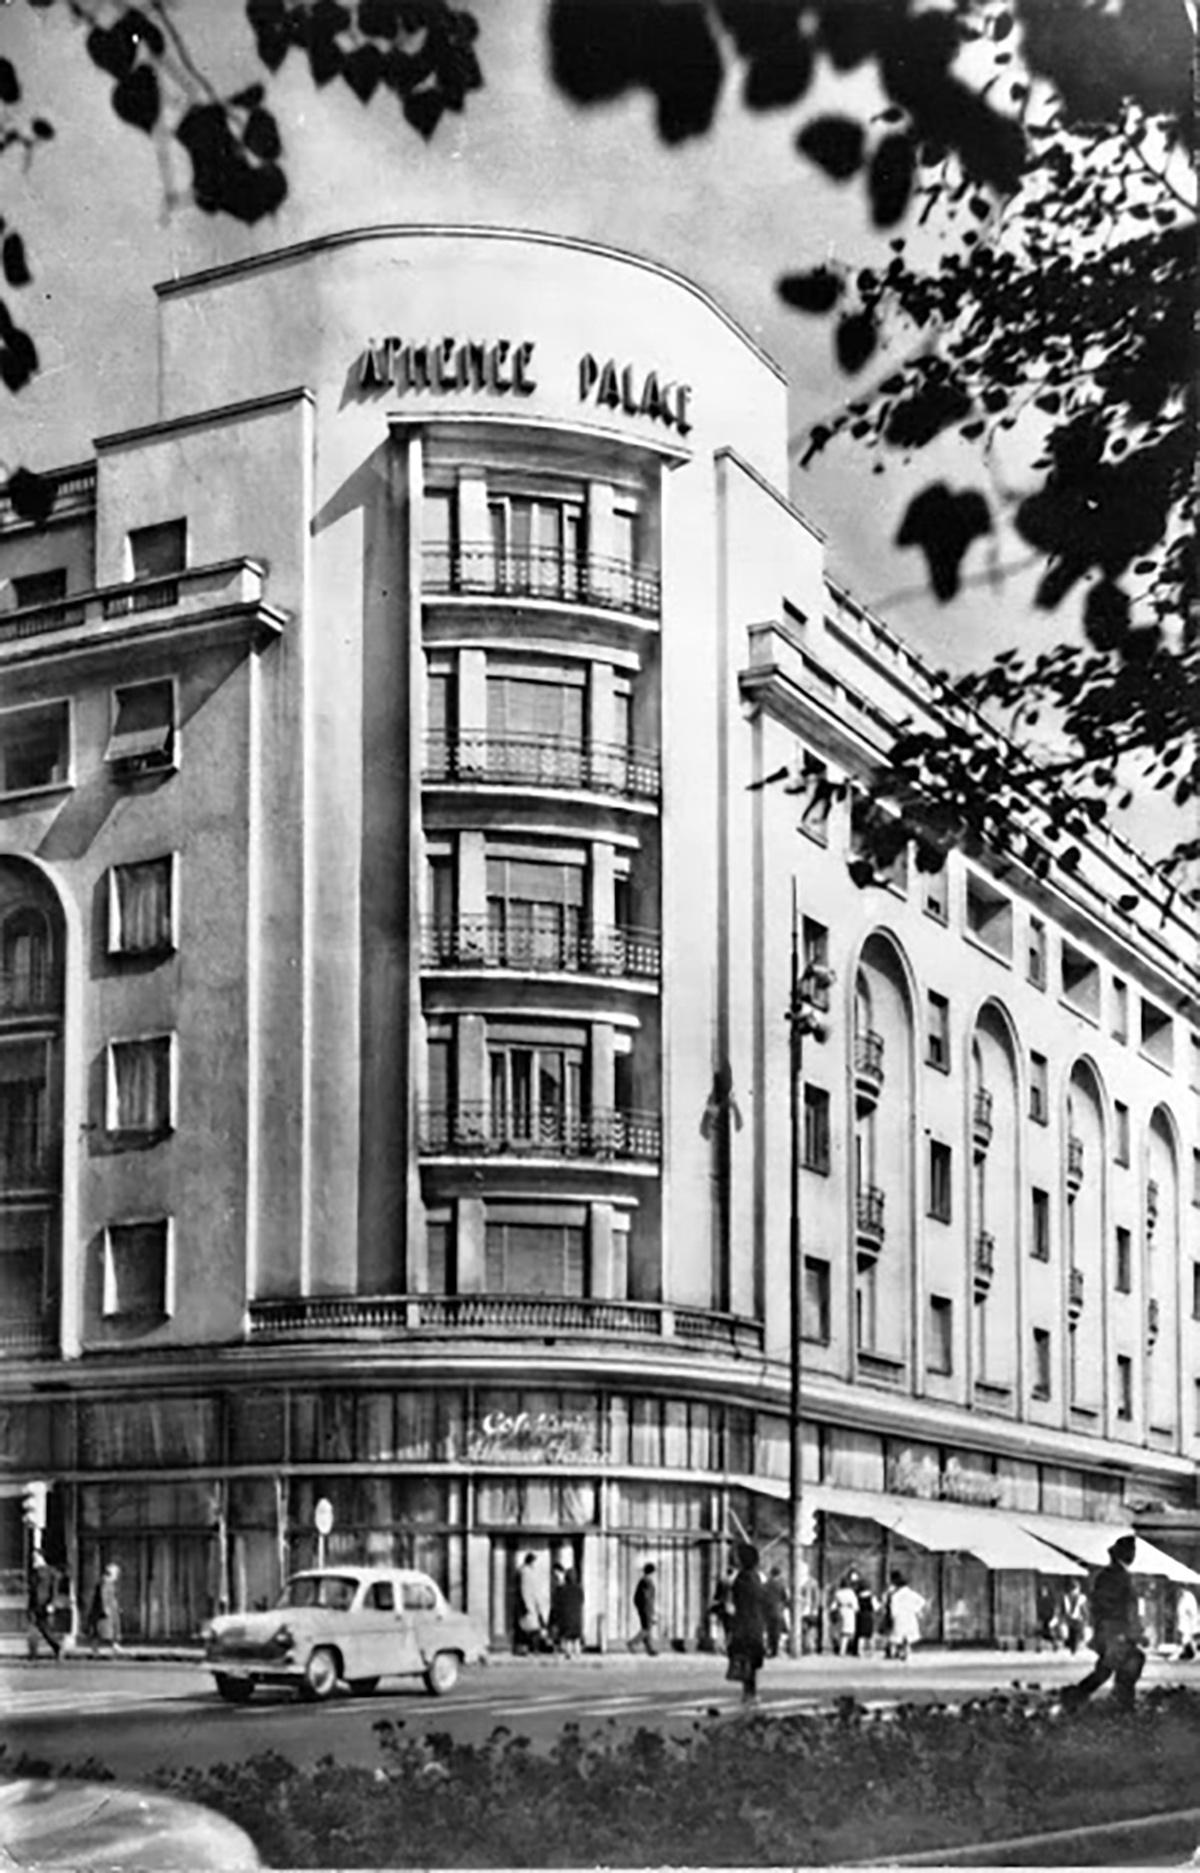 hotel-athenee-palace-1967